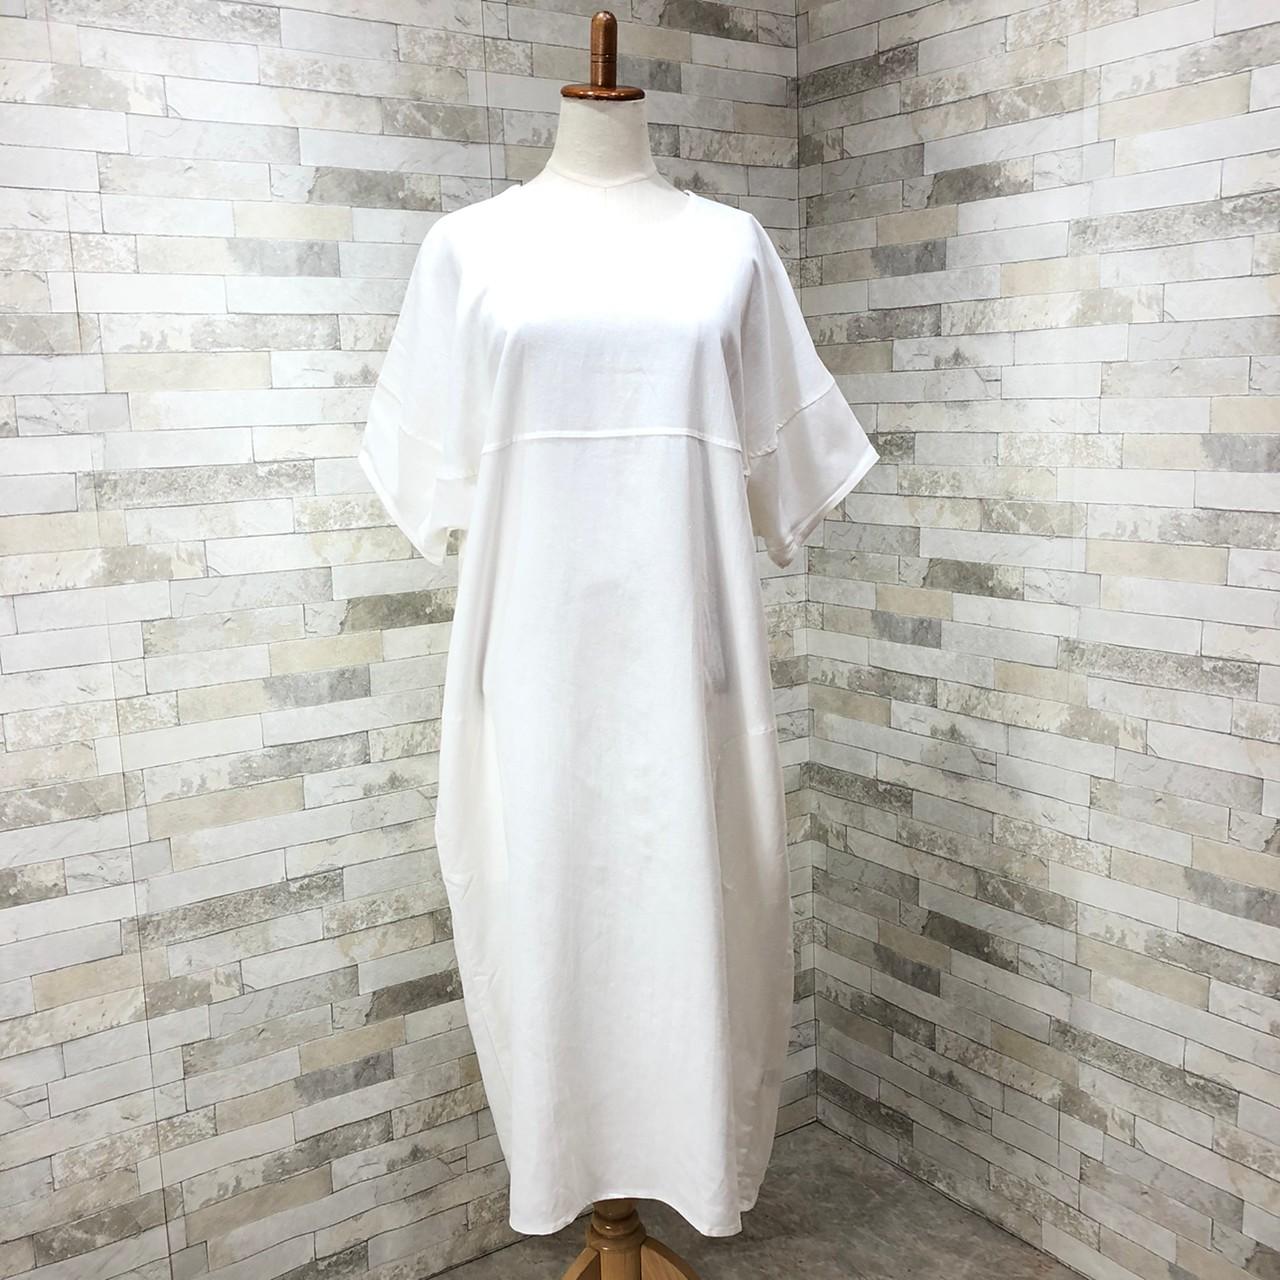 韓国 ファッション ワンピース 春 夏 カジュアル PTXI416  袖コンシャス ゆったり 体型カバー ラフ オルチャン シンプル 定番 セレカジの写真11枚目